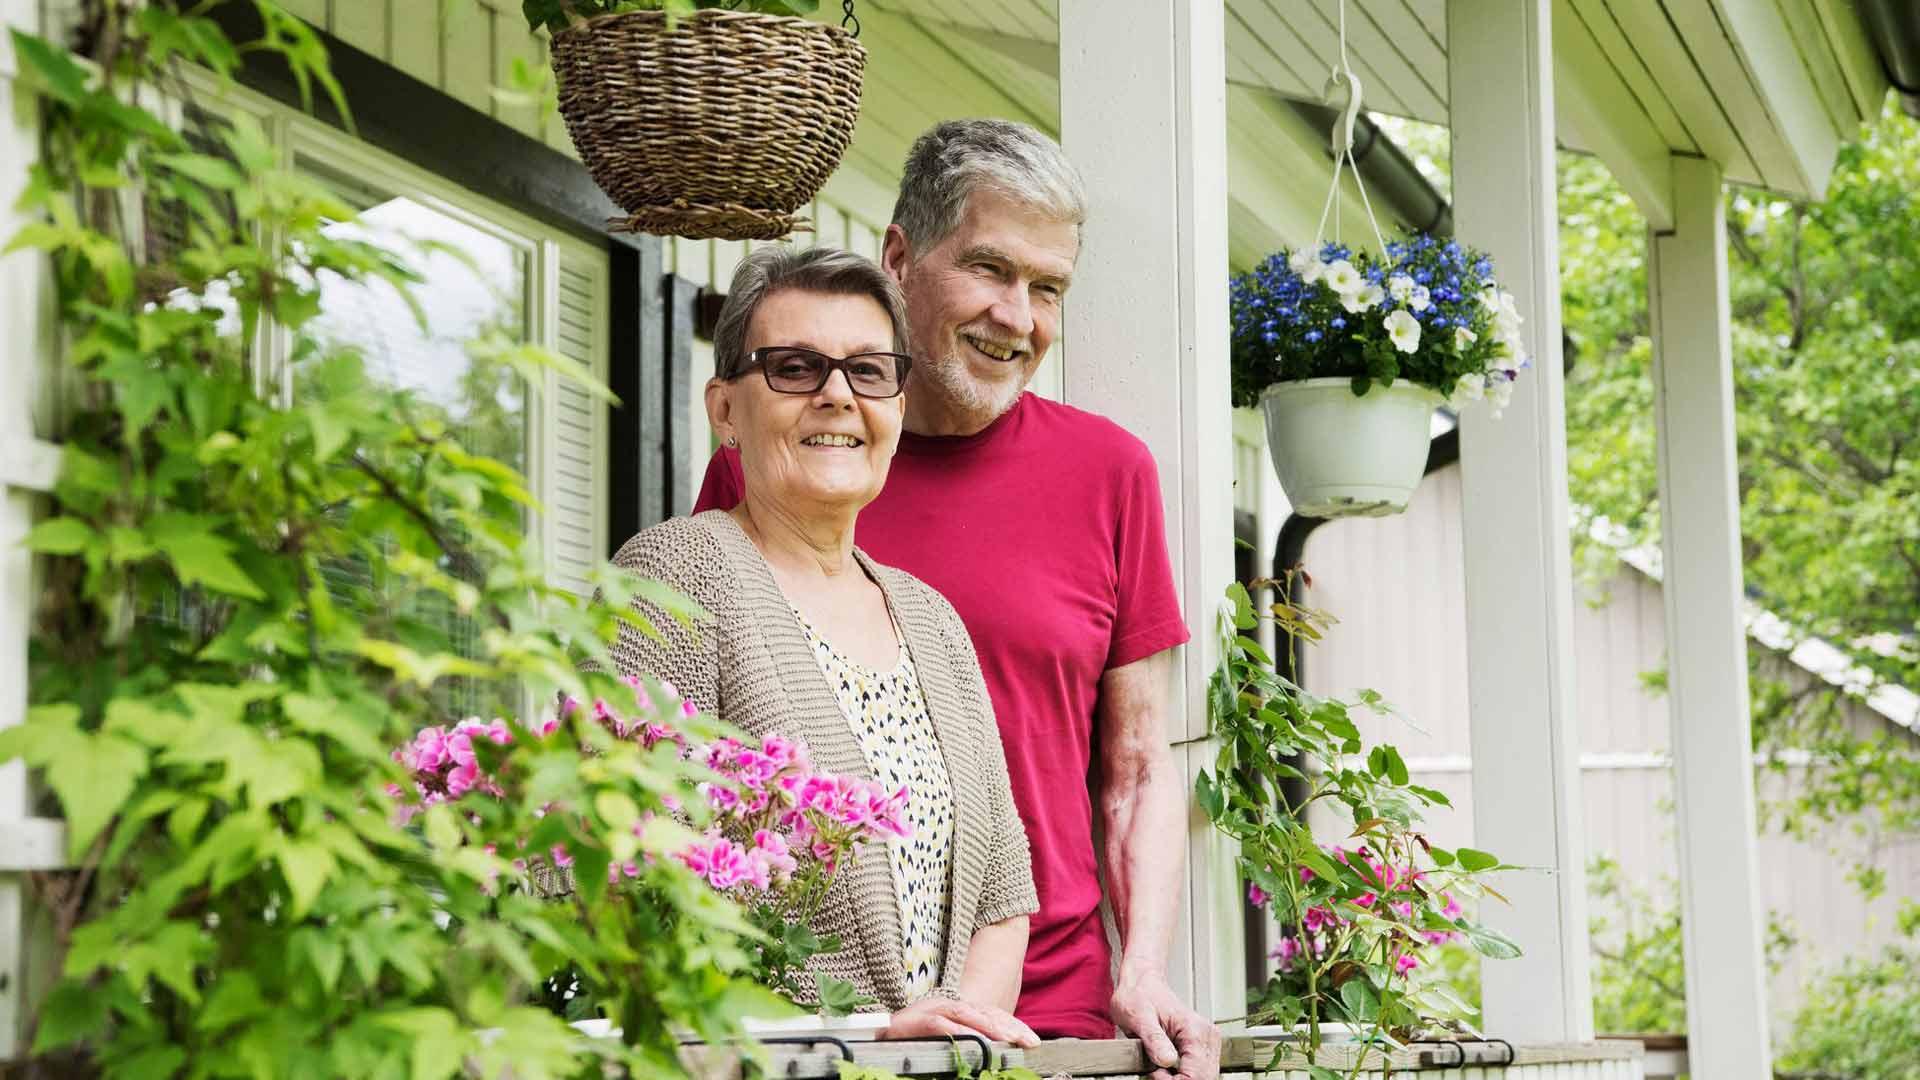 Saima ja Pekka Saarno ovat asuneet kodissaan yli 40 vuotta.